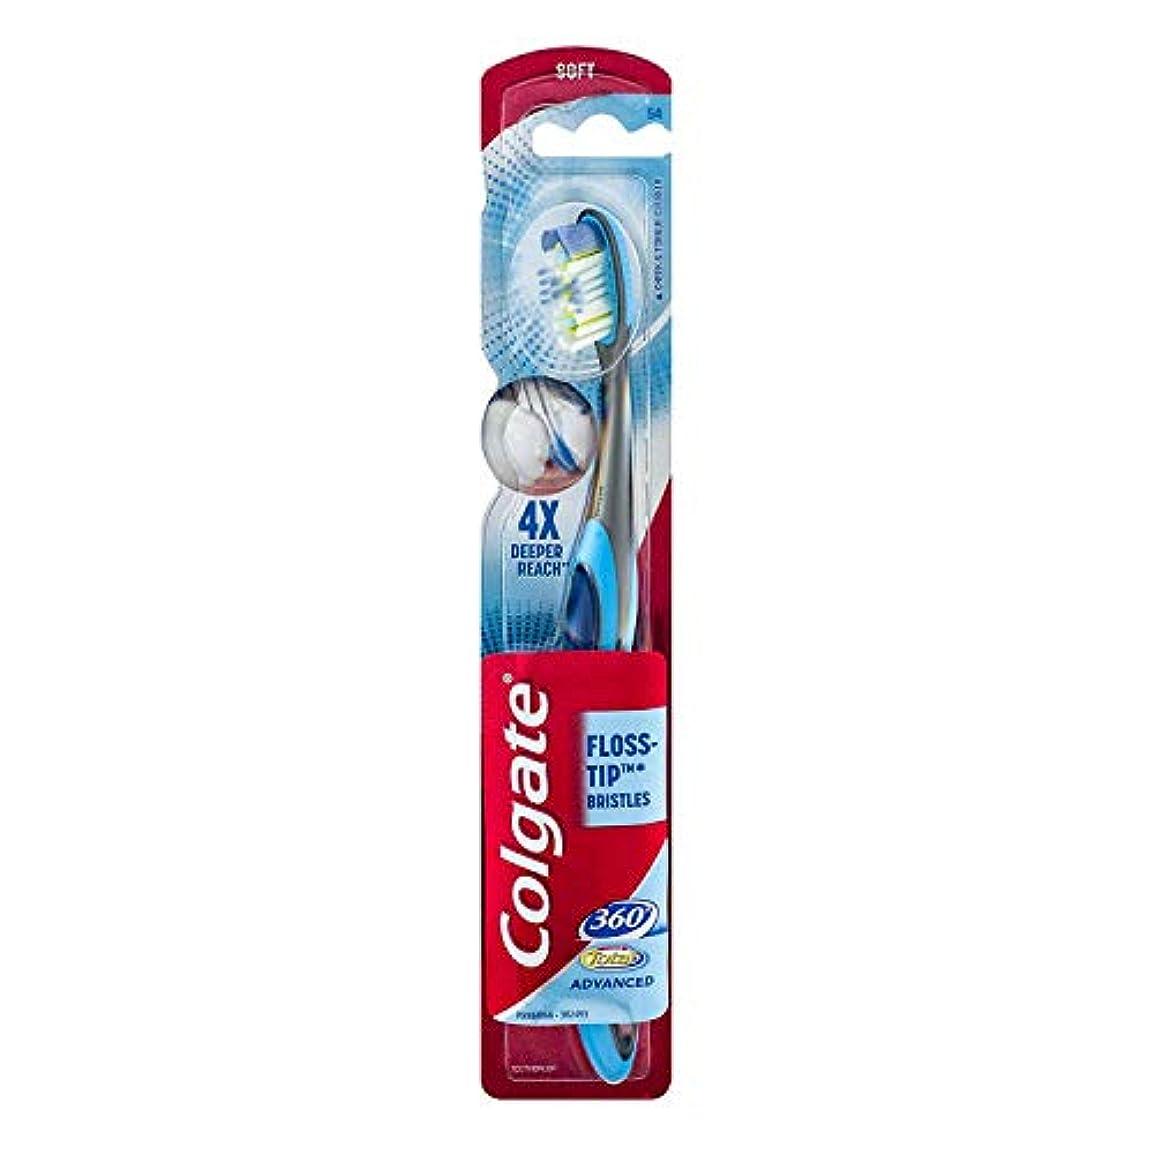 不愉快バレルレイアColgate 360合計先進FLOSS-ヒント歯ブラシ、完全な頭部ソフト1 Eaは 1パック